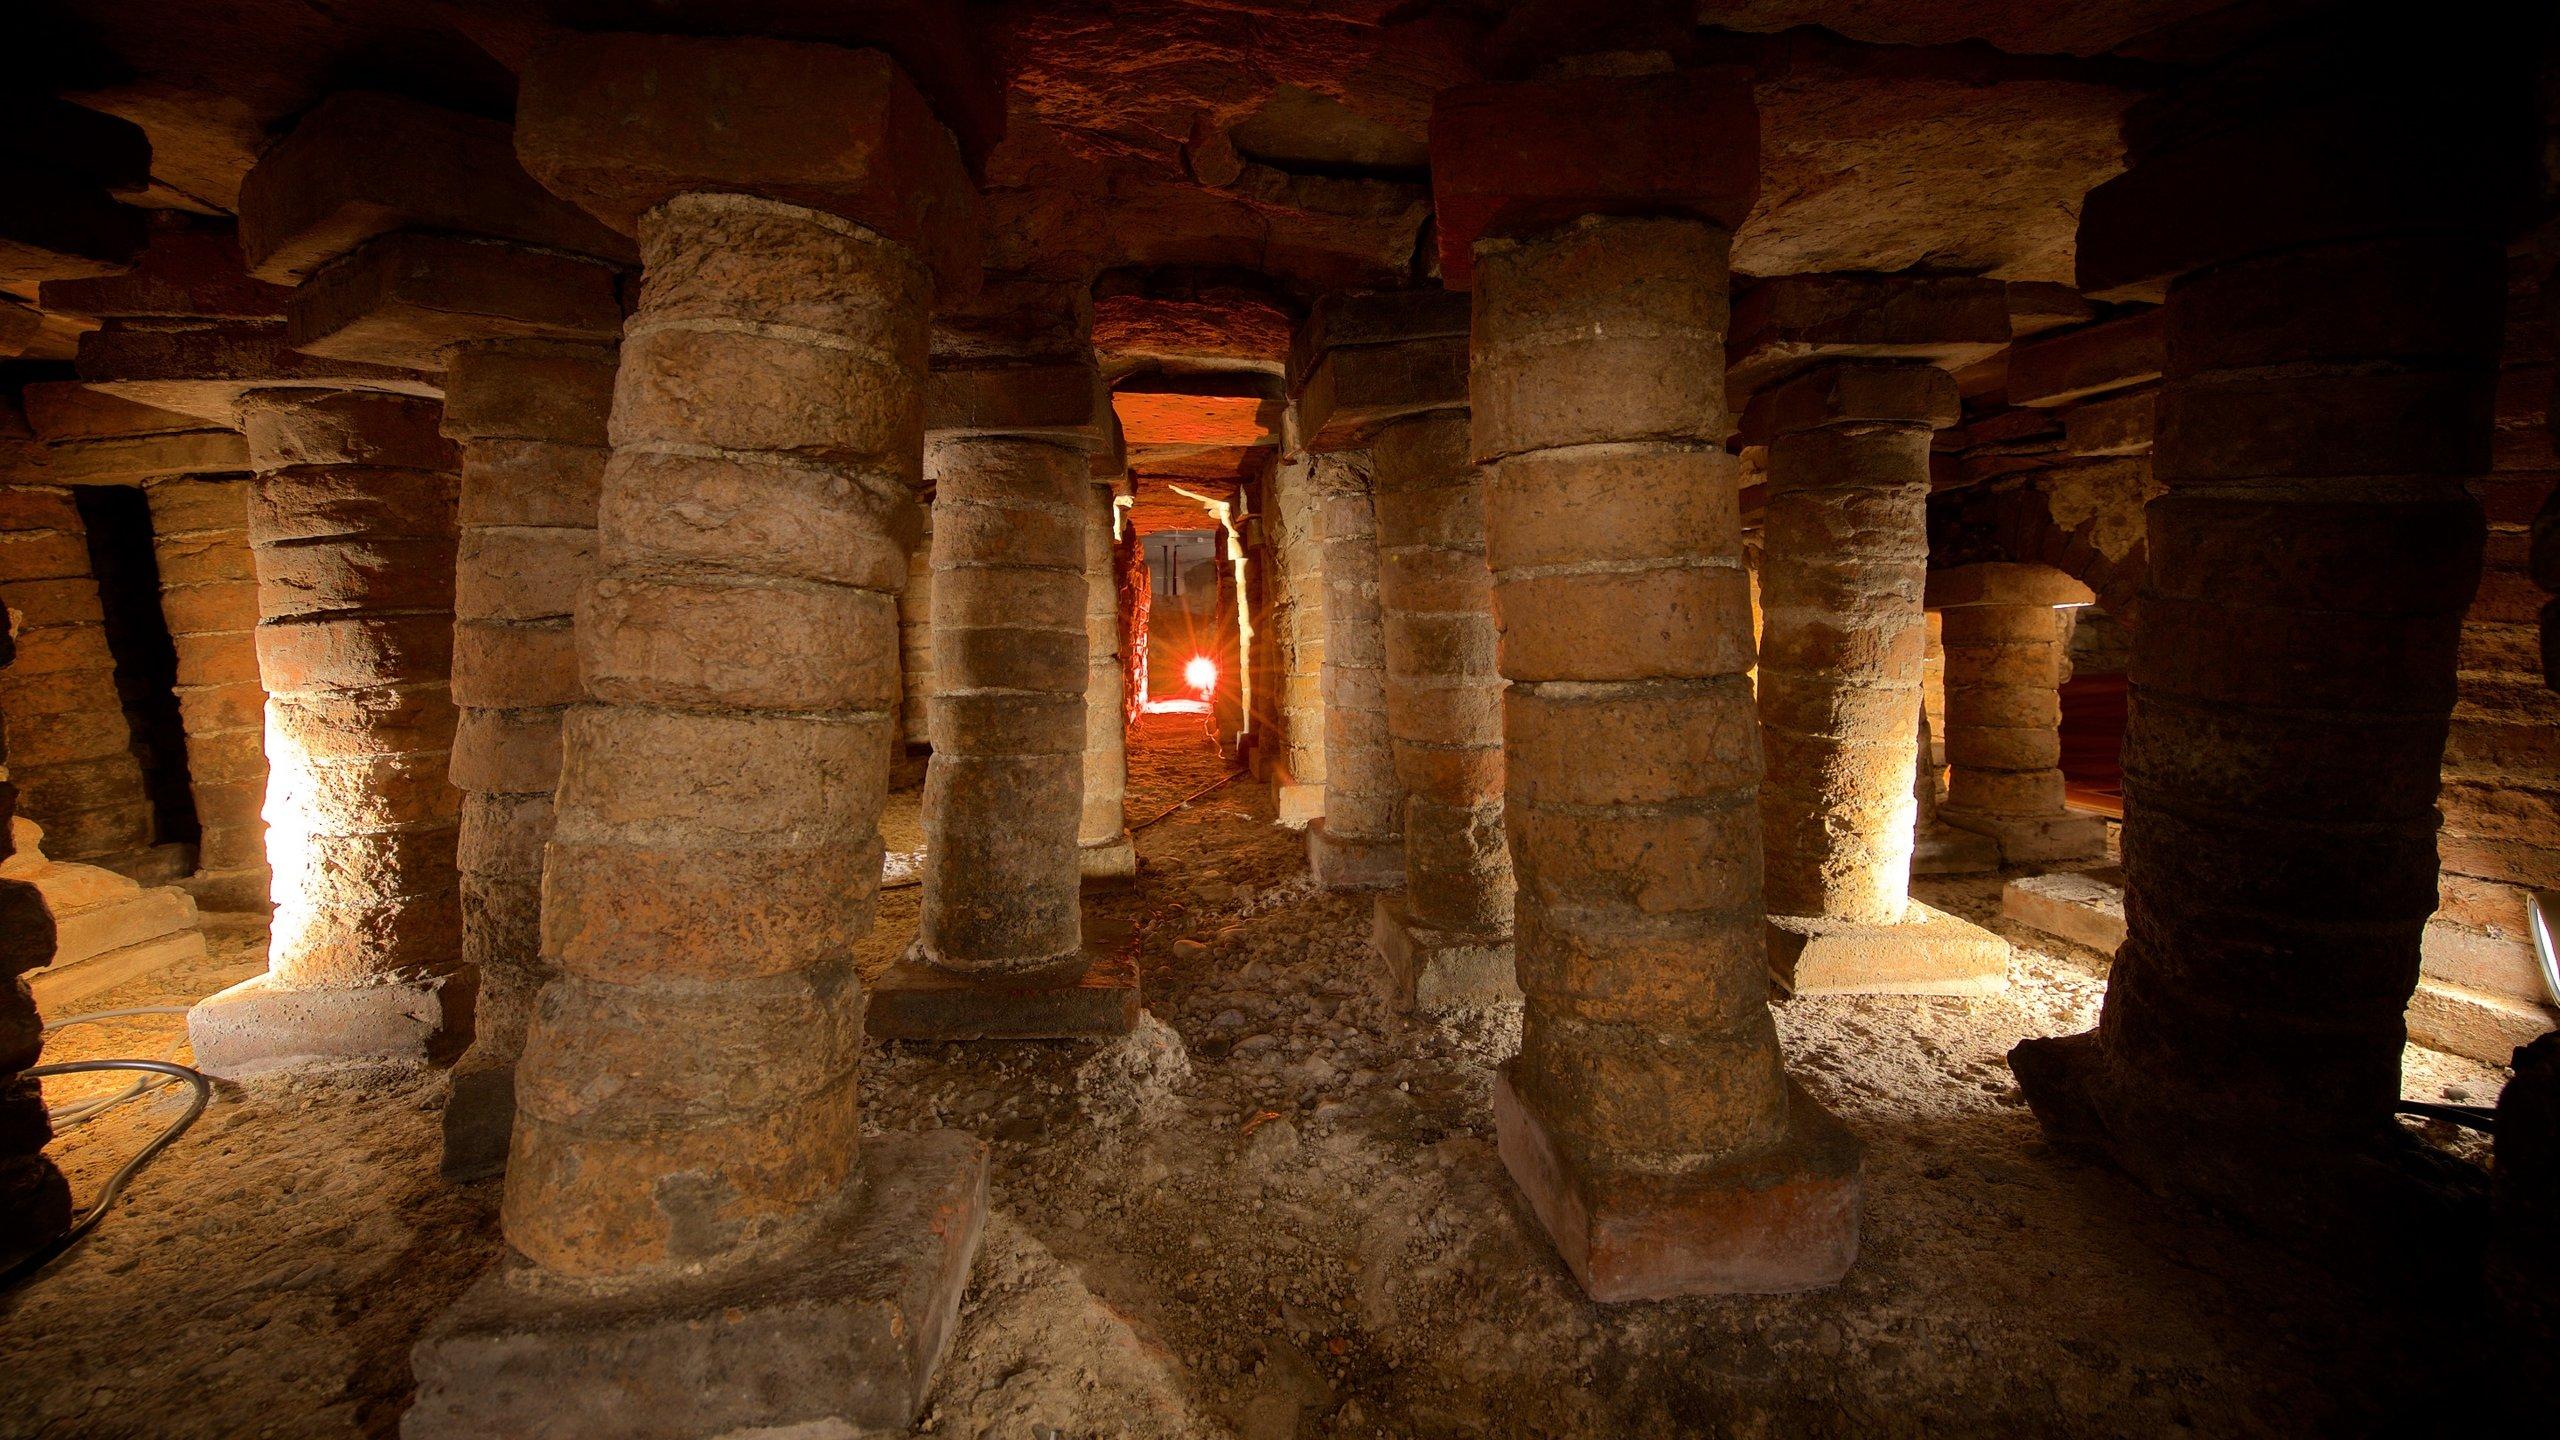 Campo Valdes Roman Baths, Gijon, Asturias, Spain